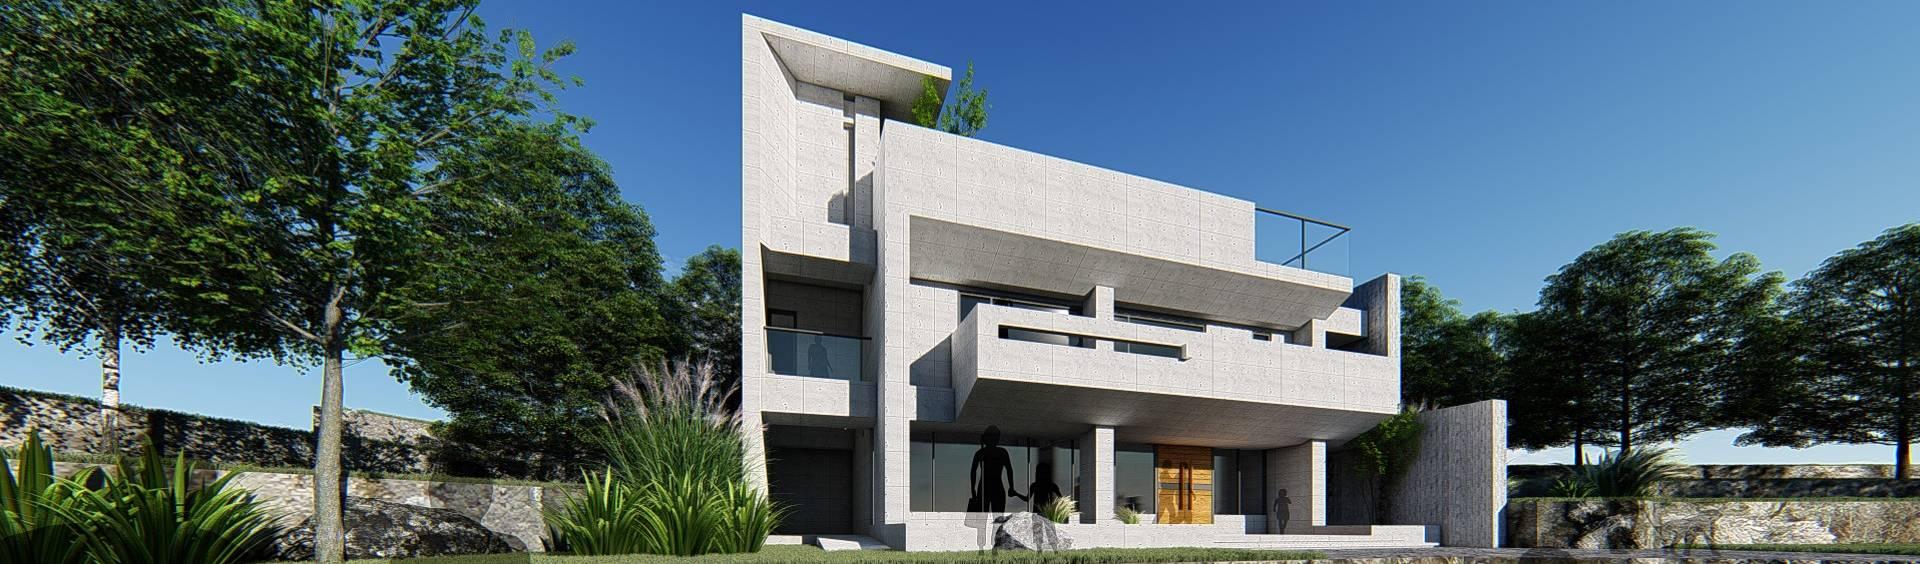 尋樸建築師事務所